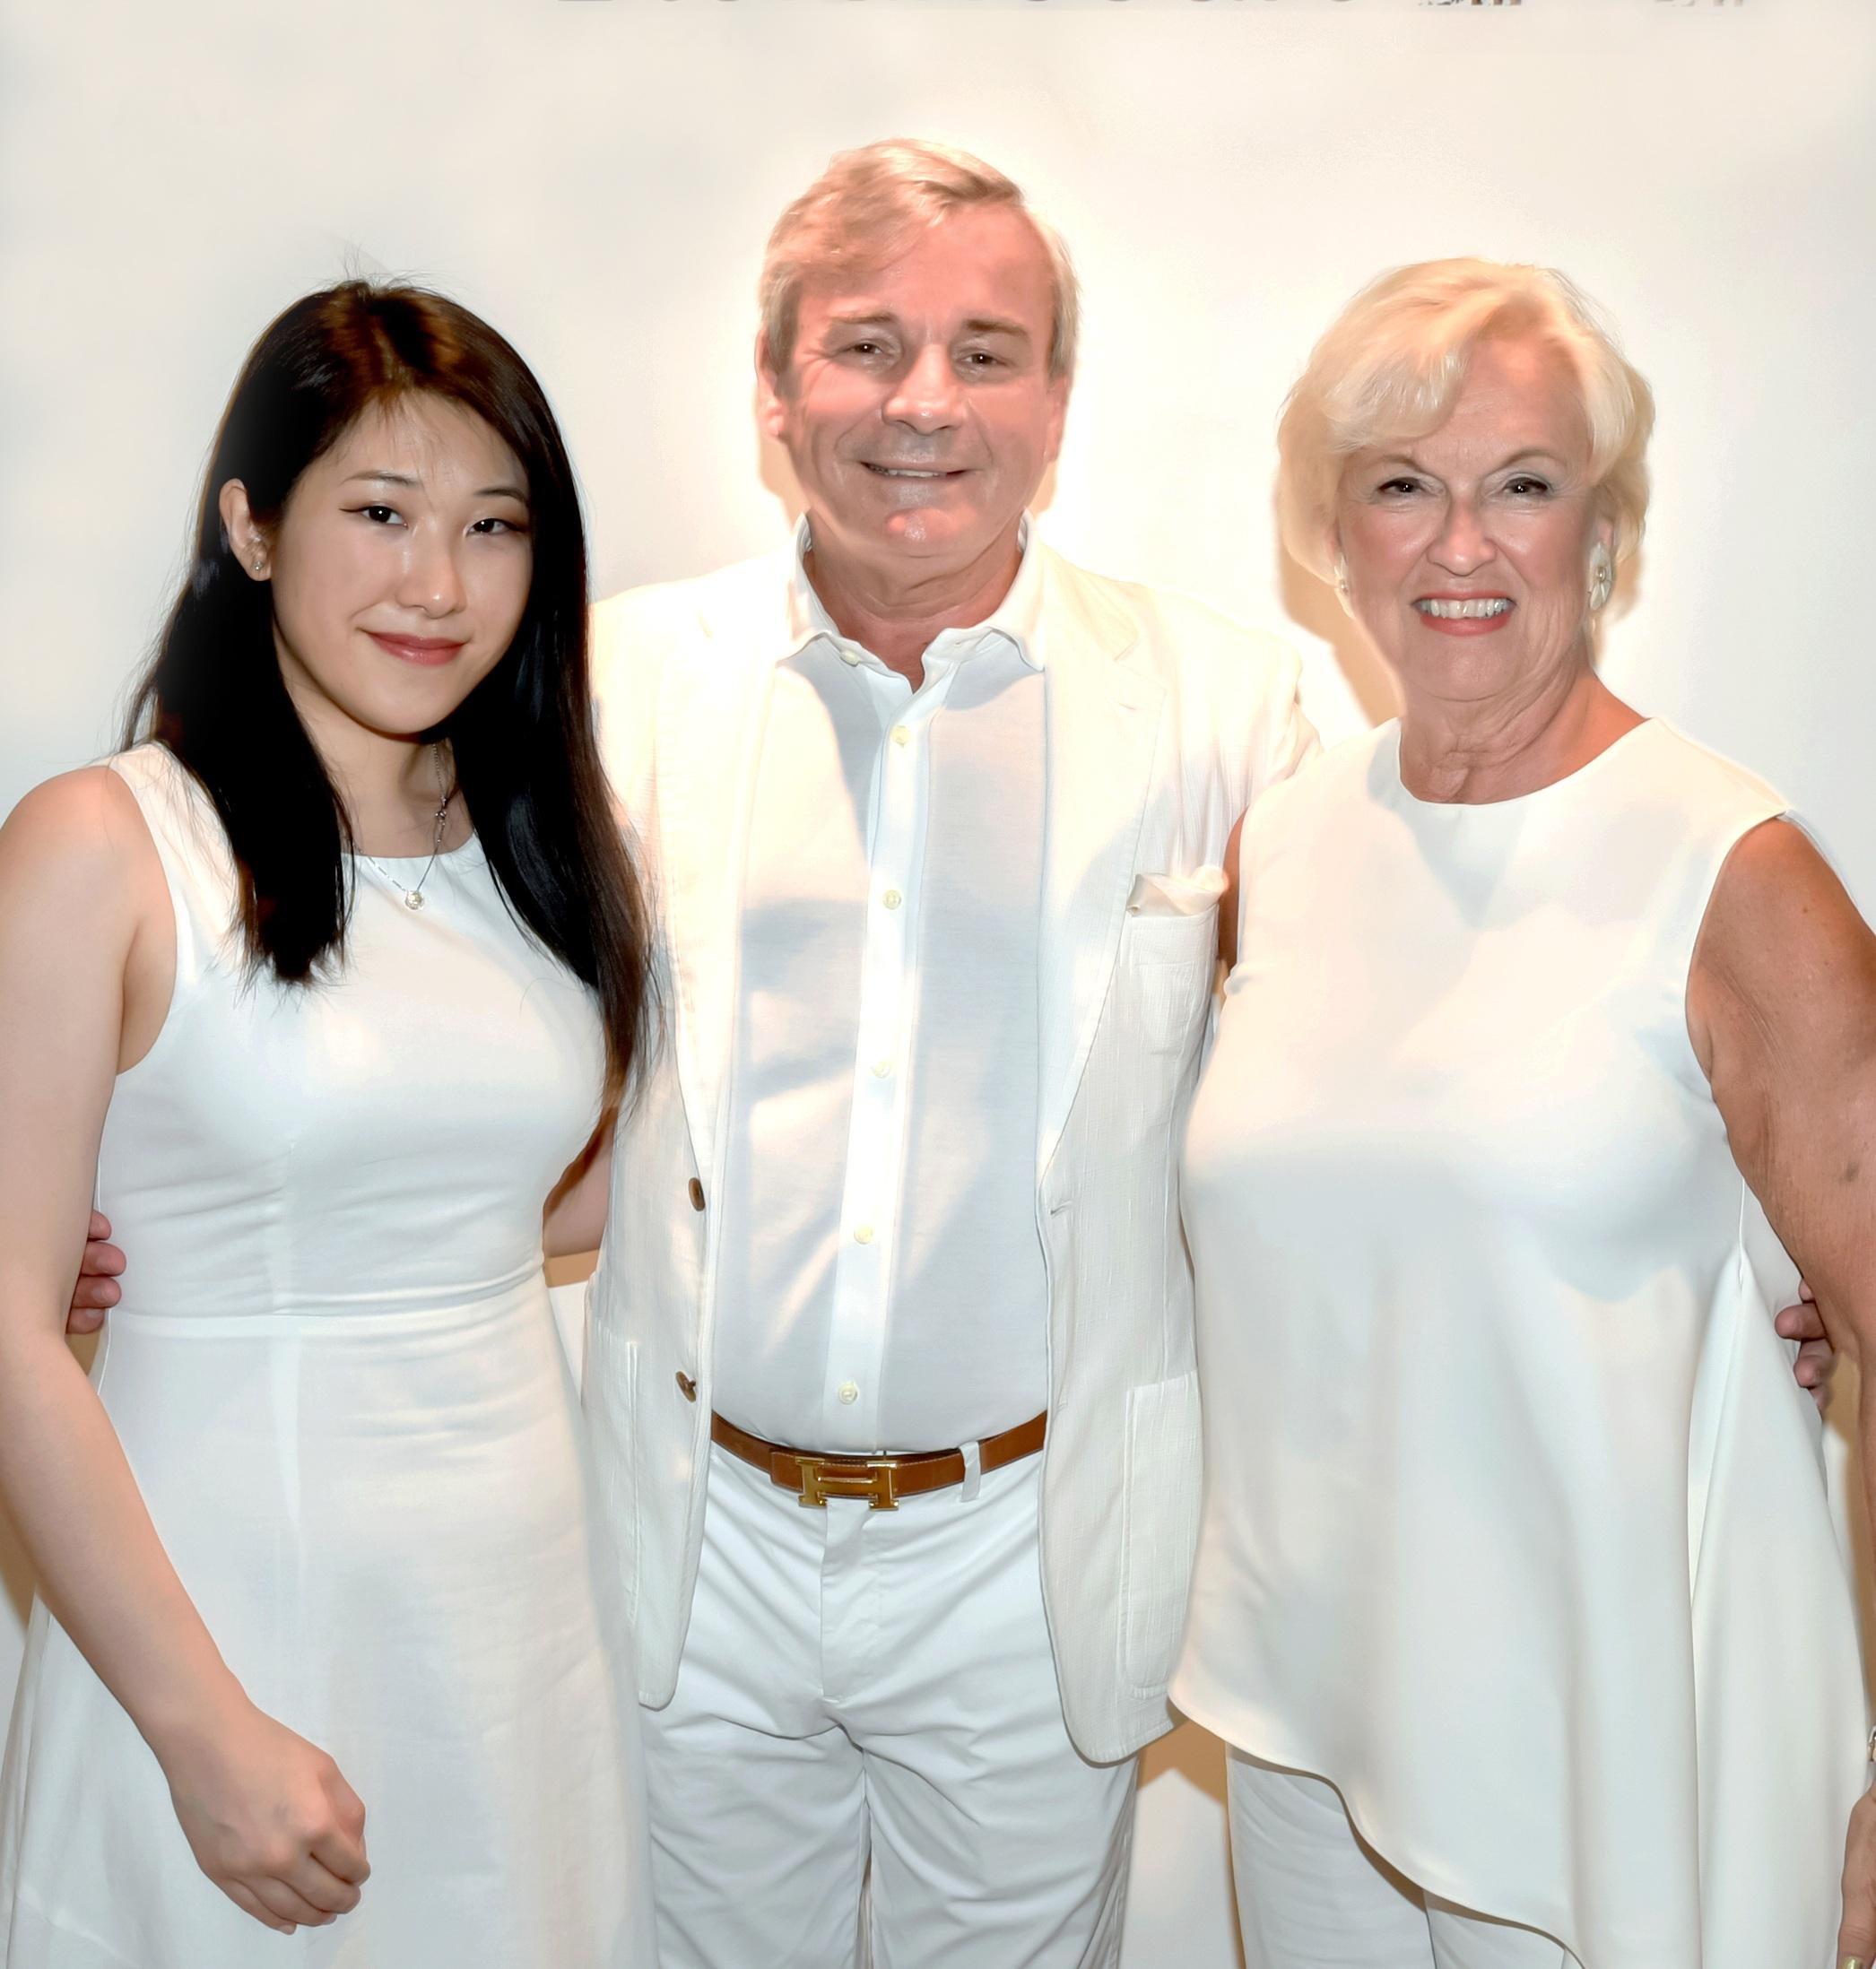 Selena Chen, Franck Laverdin, Elaine Uzan Leary